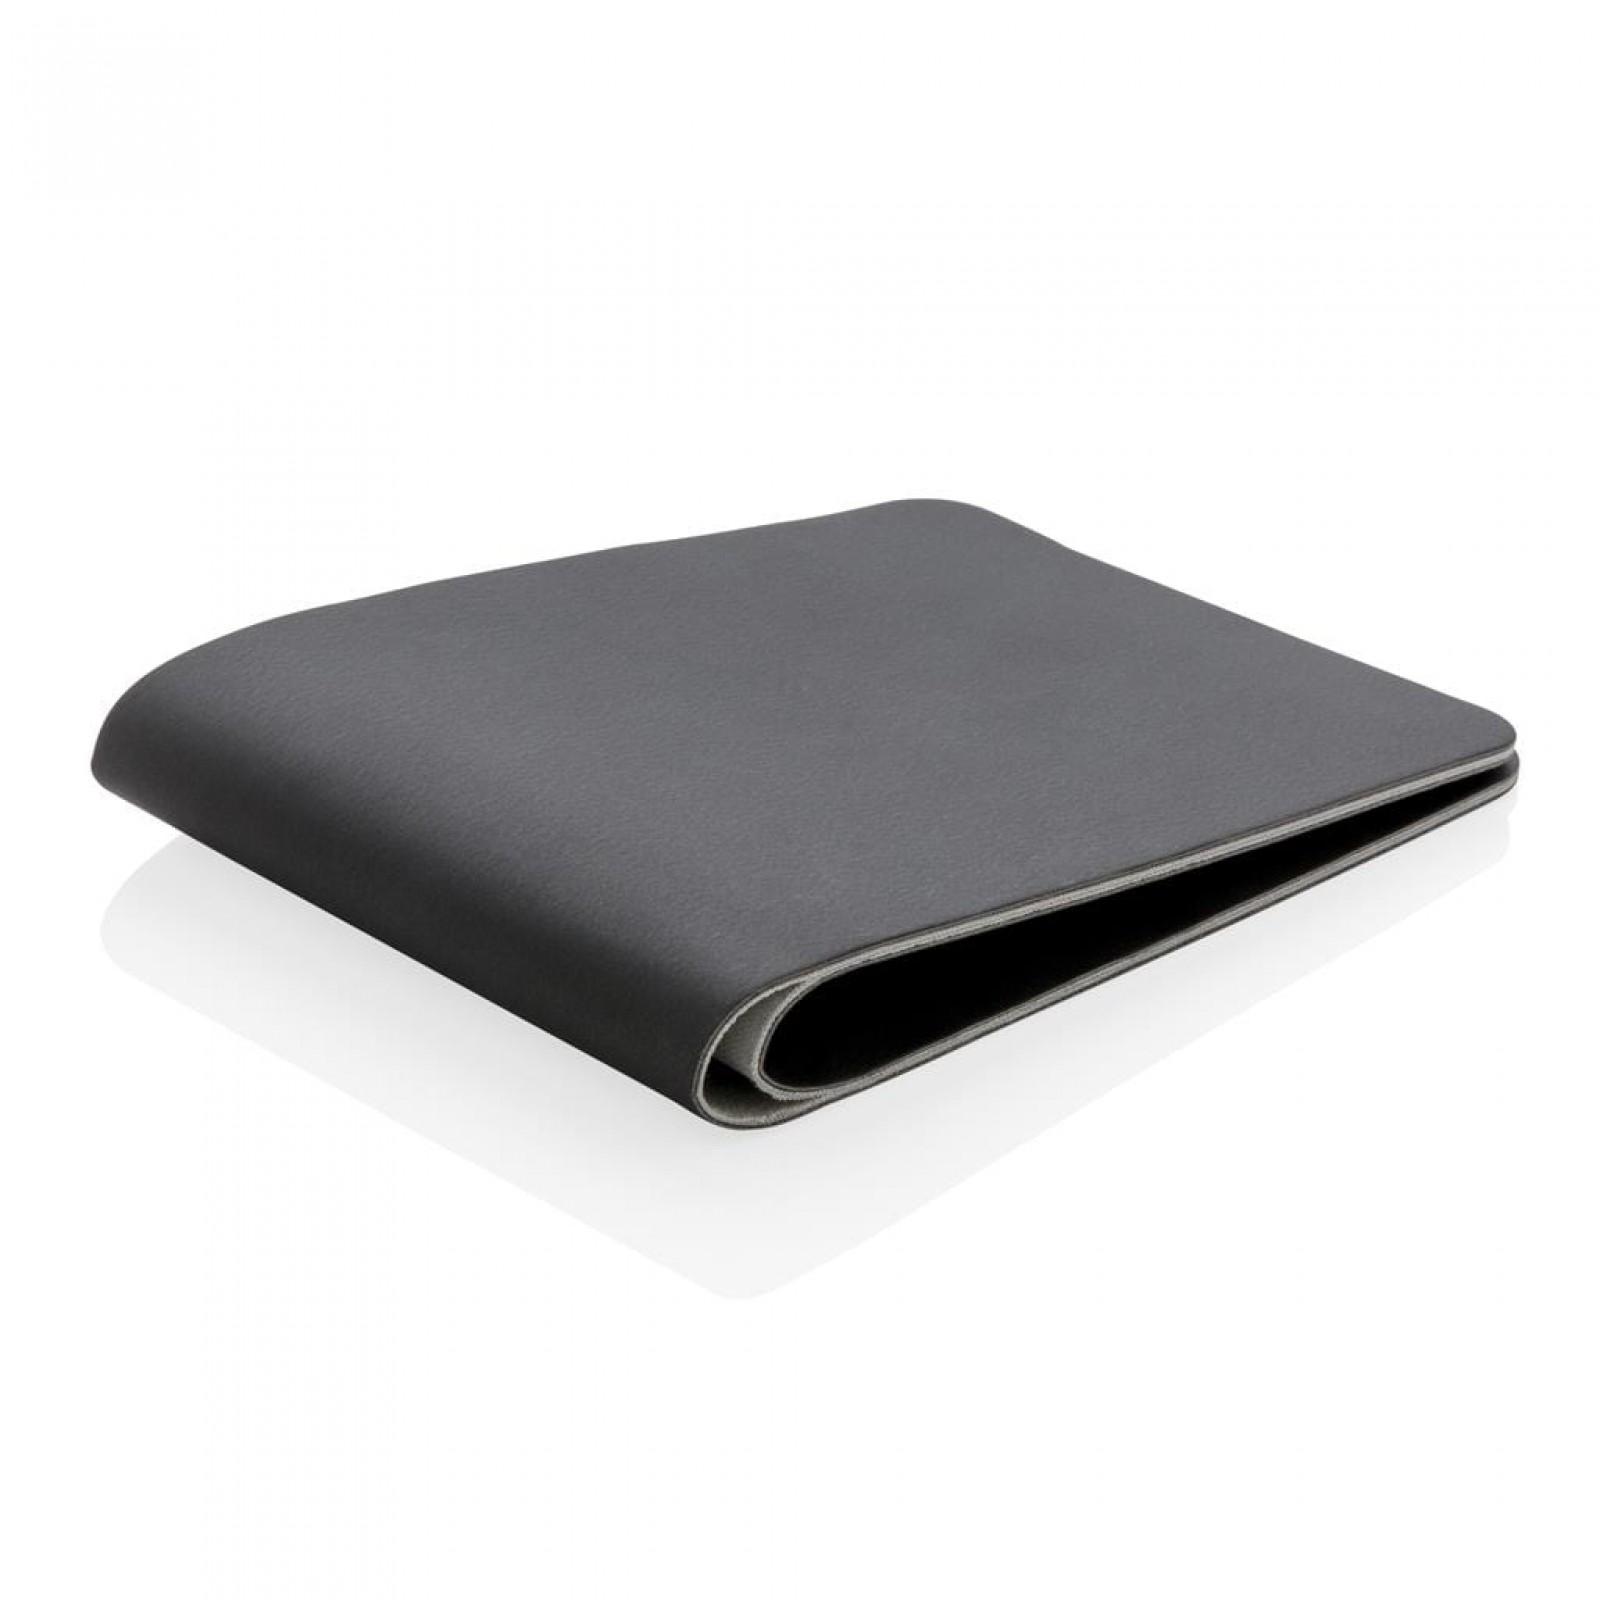 Πορτοφόλι με RFID-Blocking Quebec (Μαύρο) - XD Design